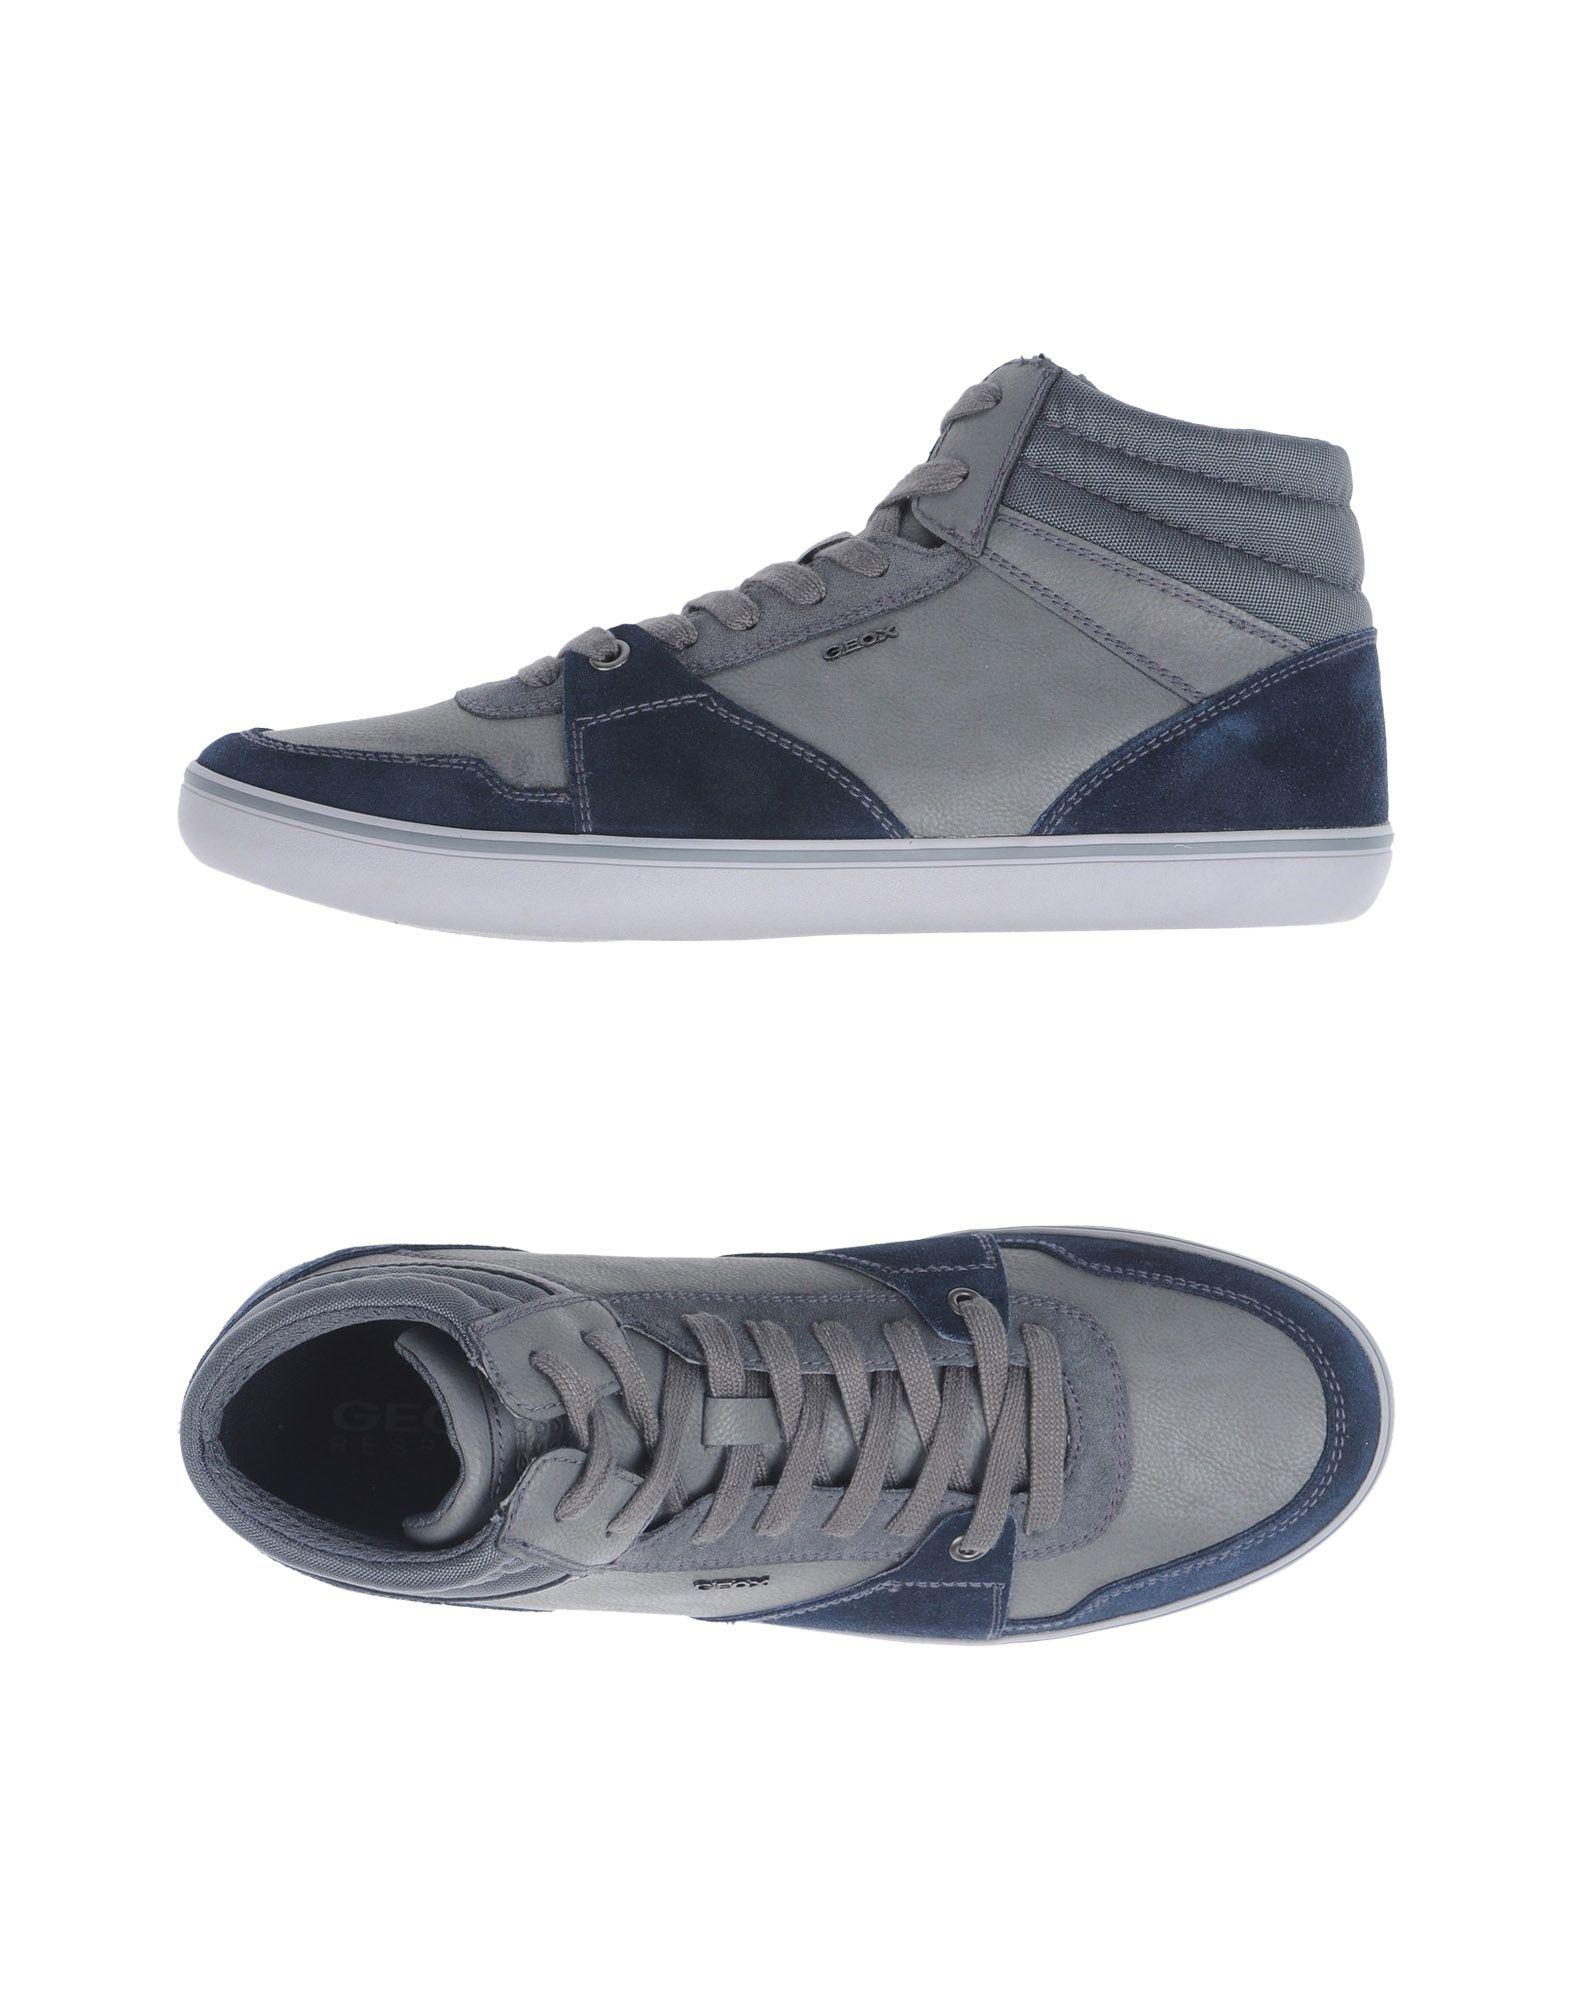 Geox Sneakers - Men Geox Geox Geox Sneakers online on  Australia - 11344822LV 39d722